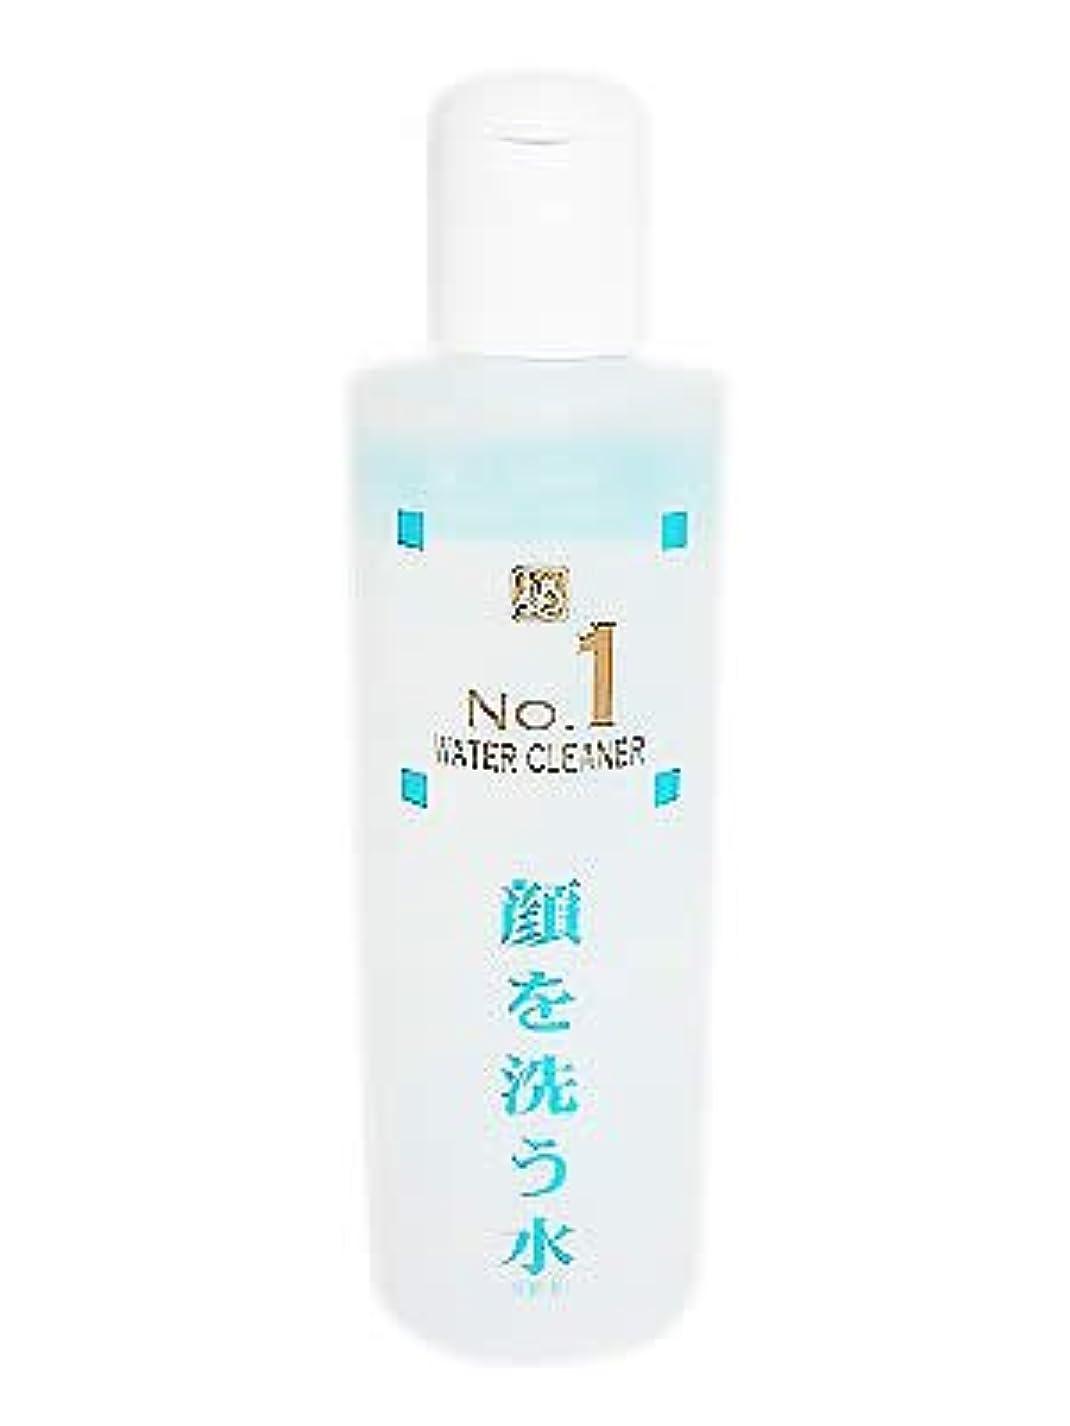 女王凶暴な幻想顔を洗う水 No.1 ウォータークリーナー 洗顔化粧水 500ml